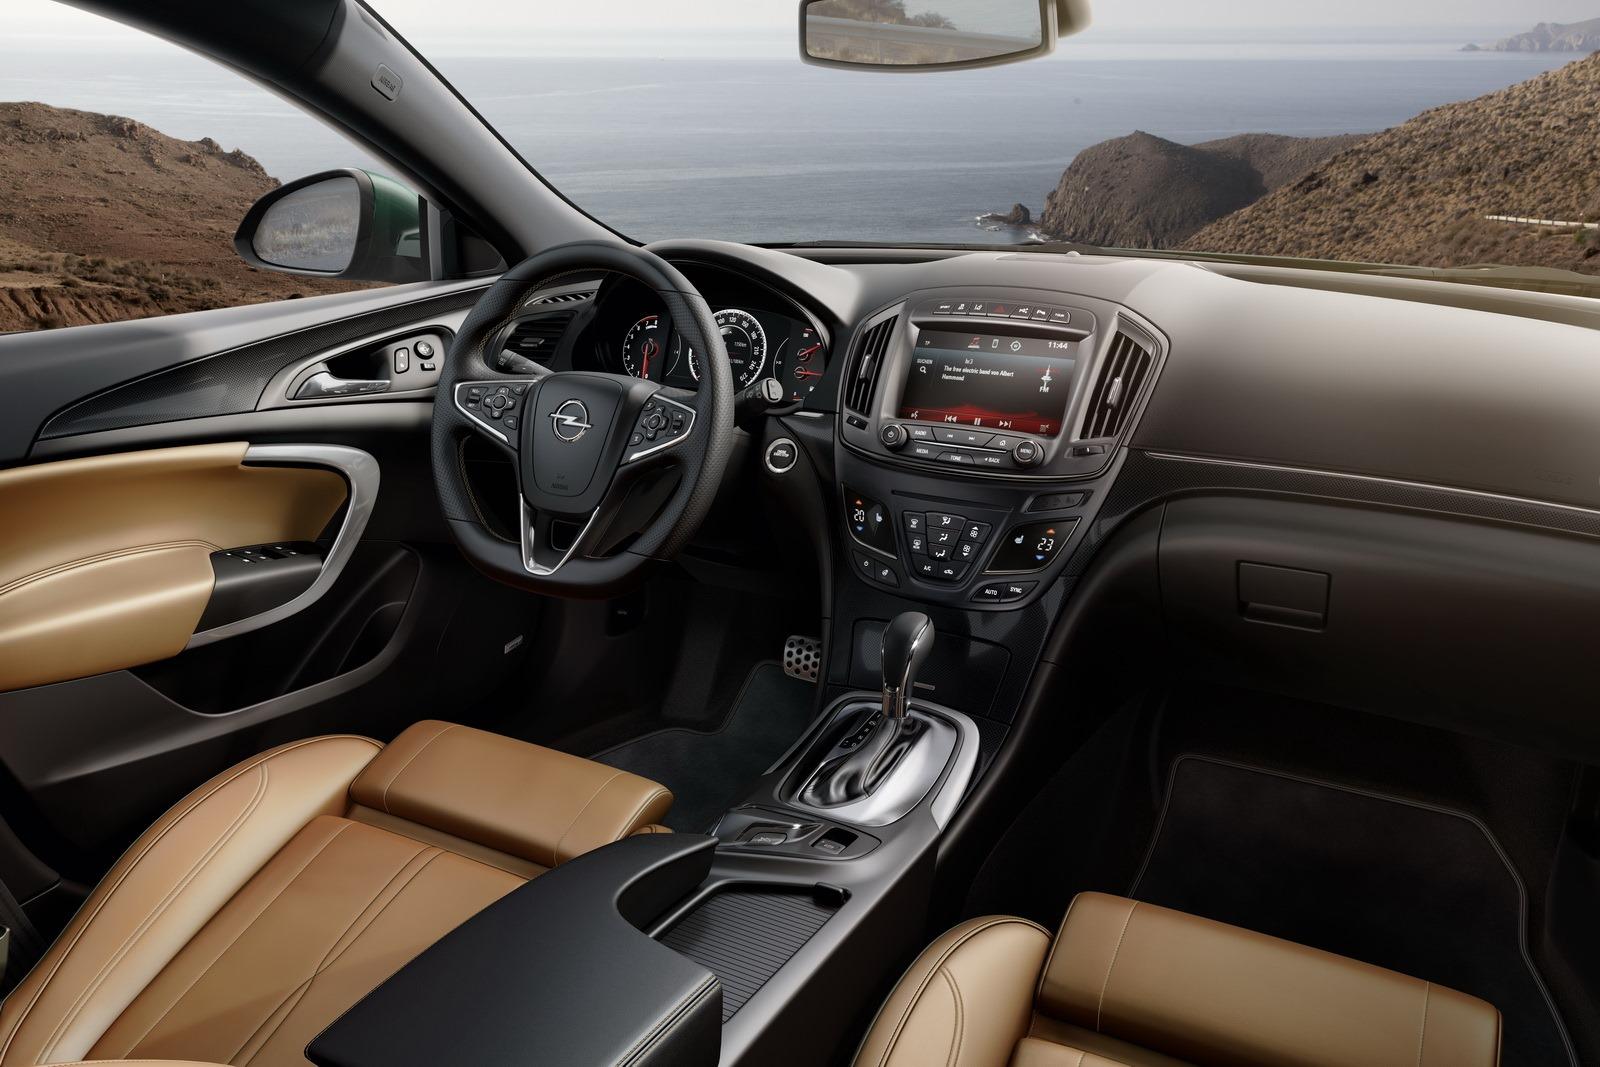 Opel-Insignia-Facelift-11%25255B2%25255D.jpg